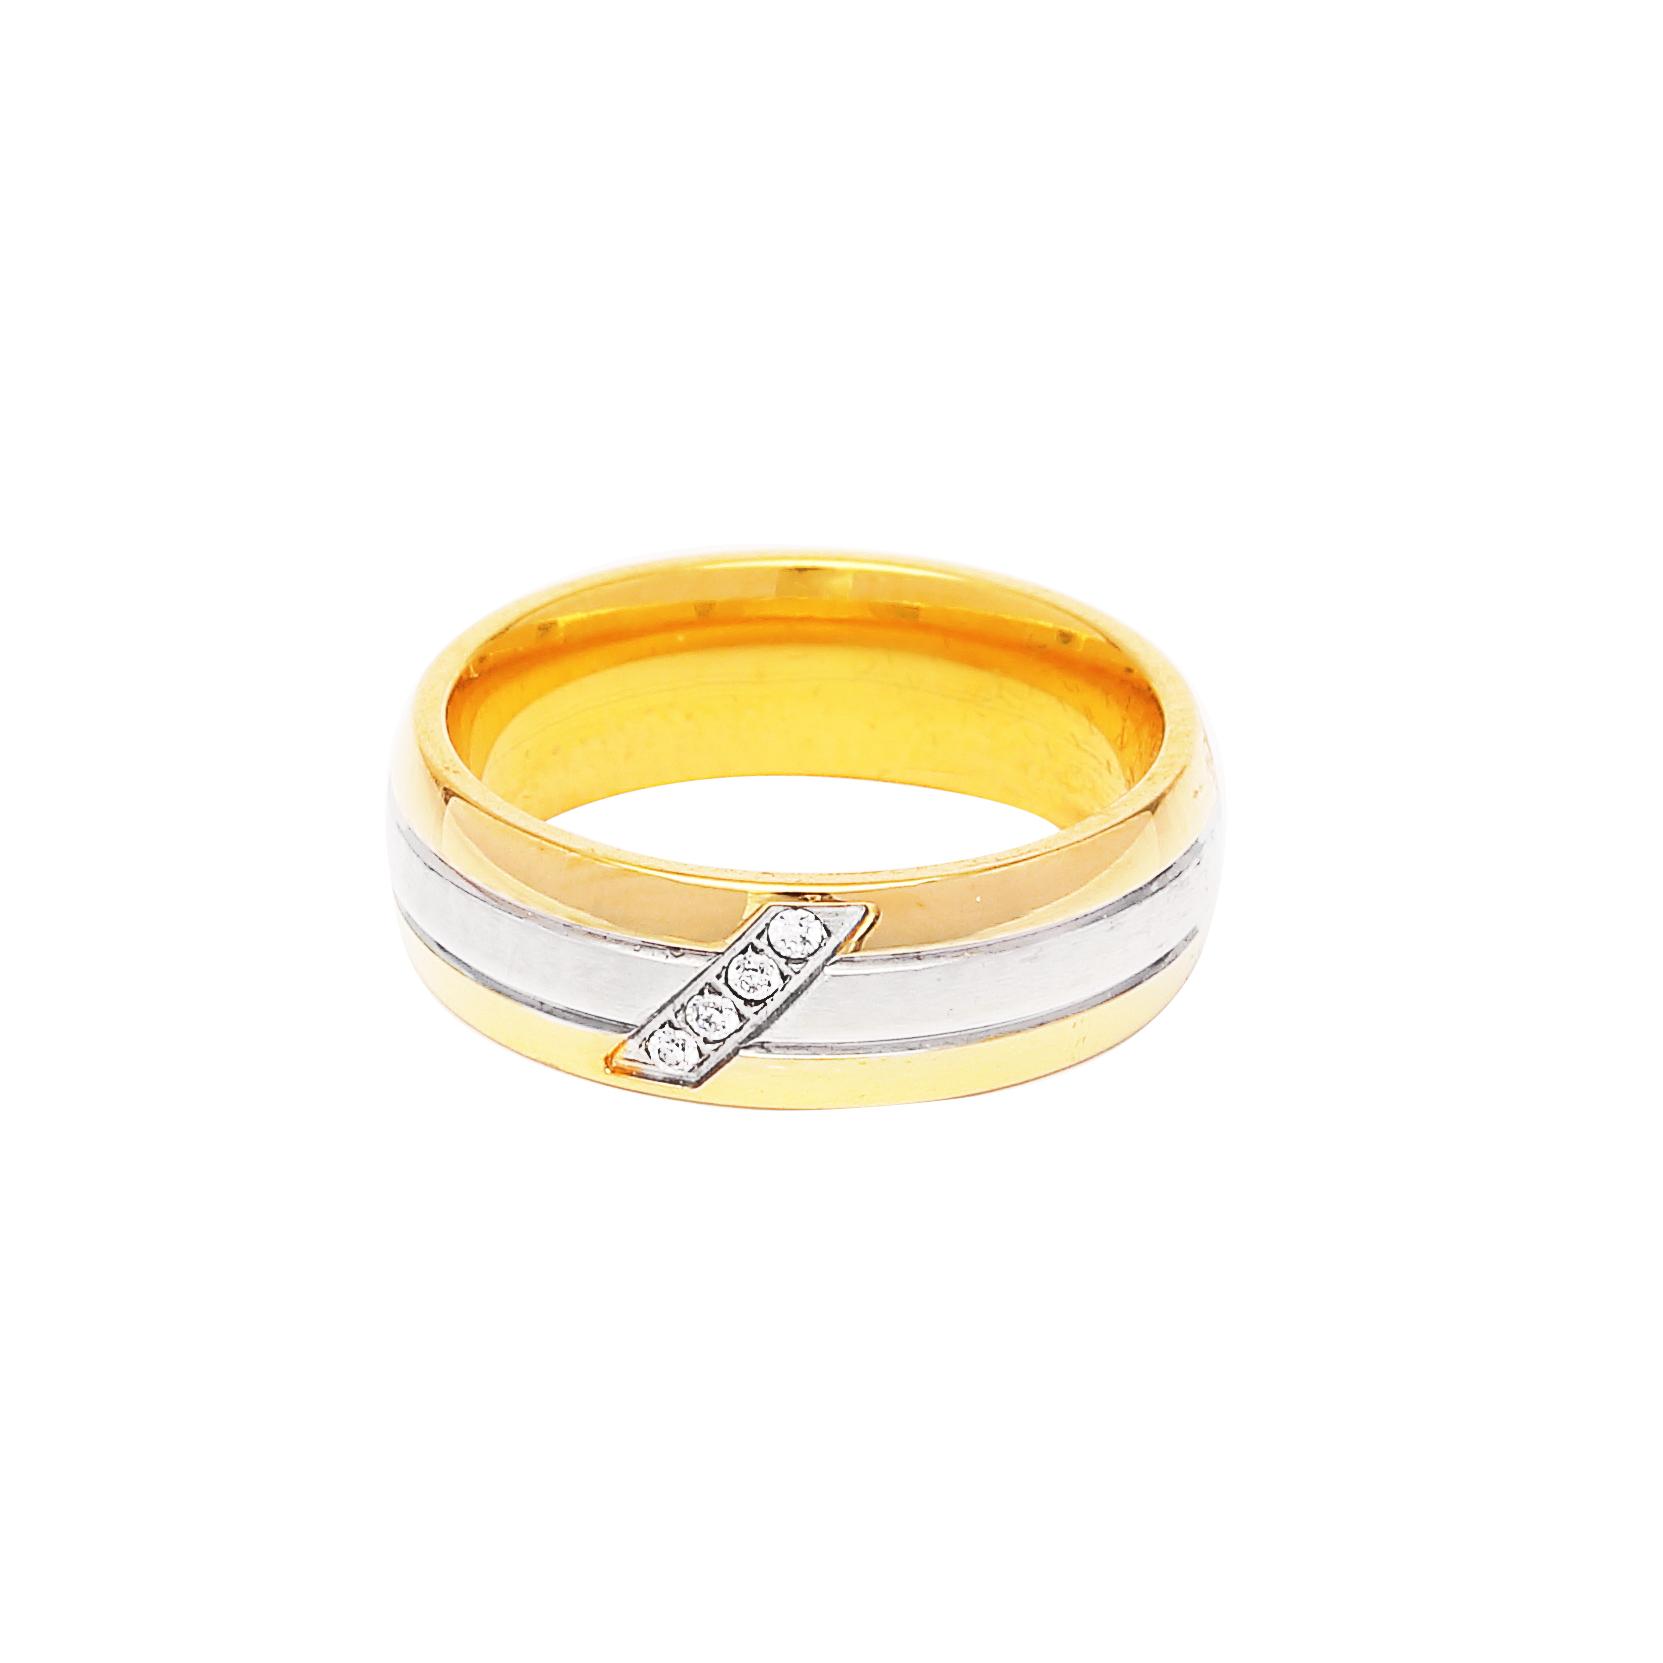 Дамска златна сватбена халка с ивица от бяло злато и 4 диаманта.